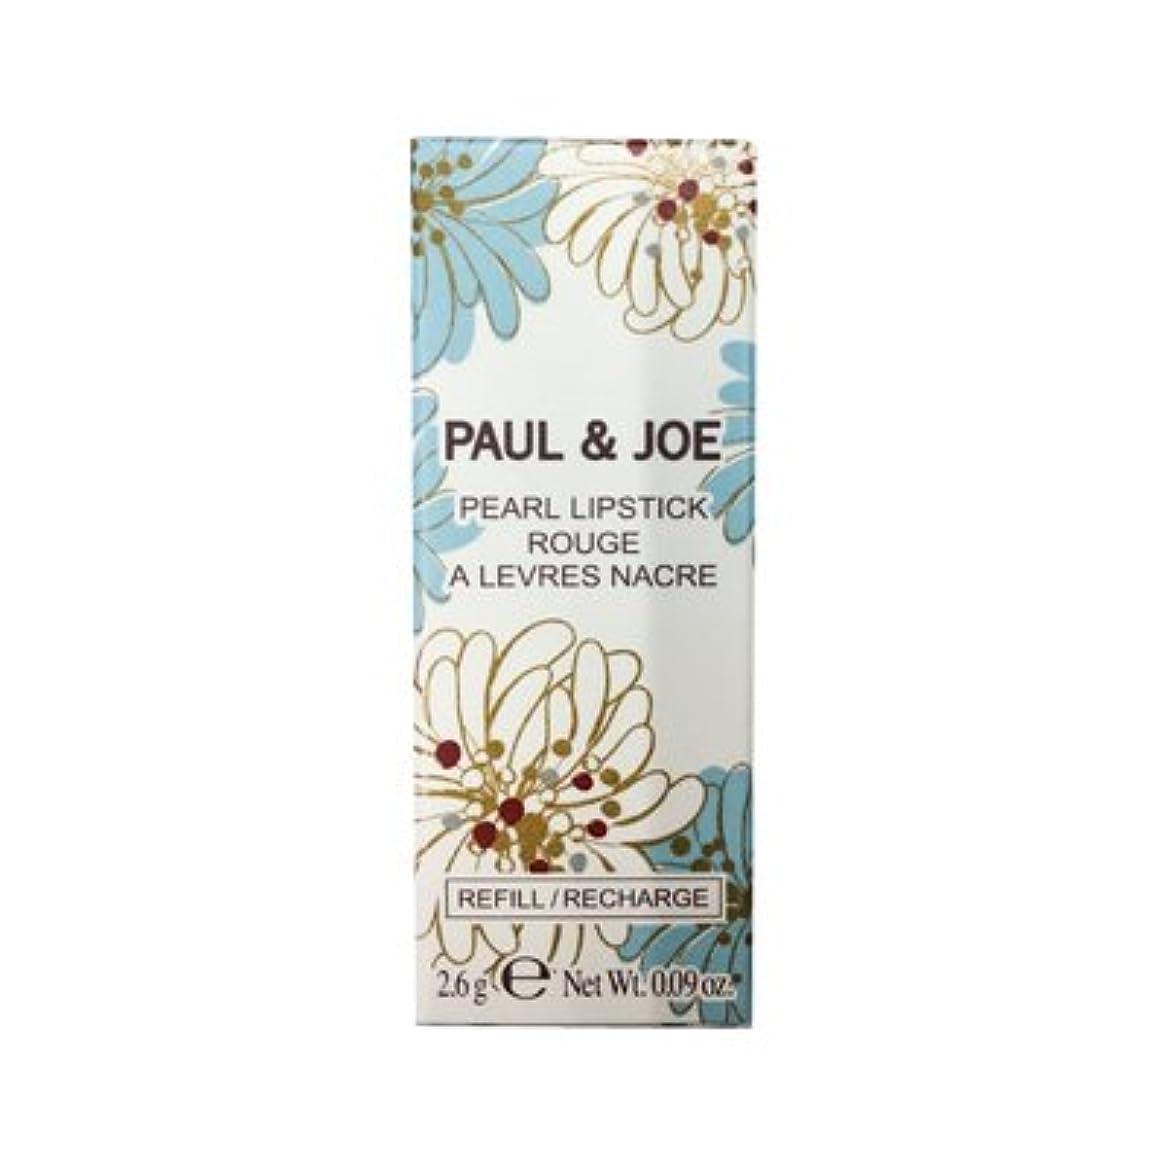 反論家禽穀物ポール & ジョー/PAUL & JOE リップスティックスクレドール(レフィル) #402 [並行輸入品]